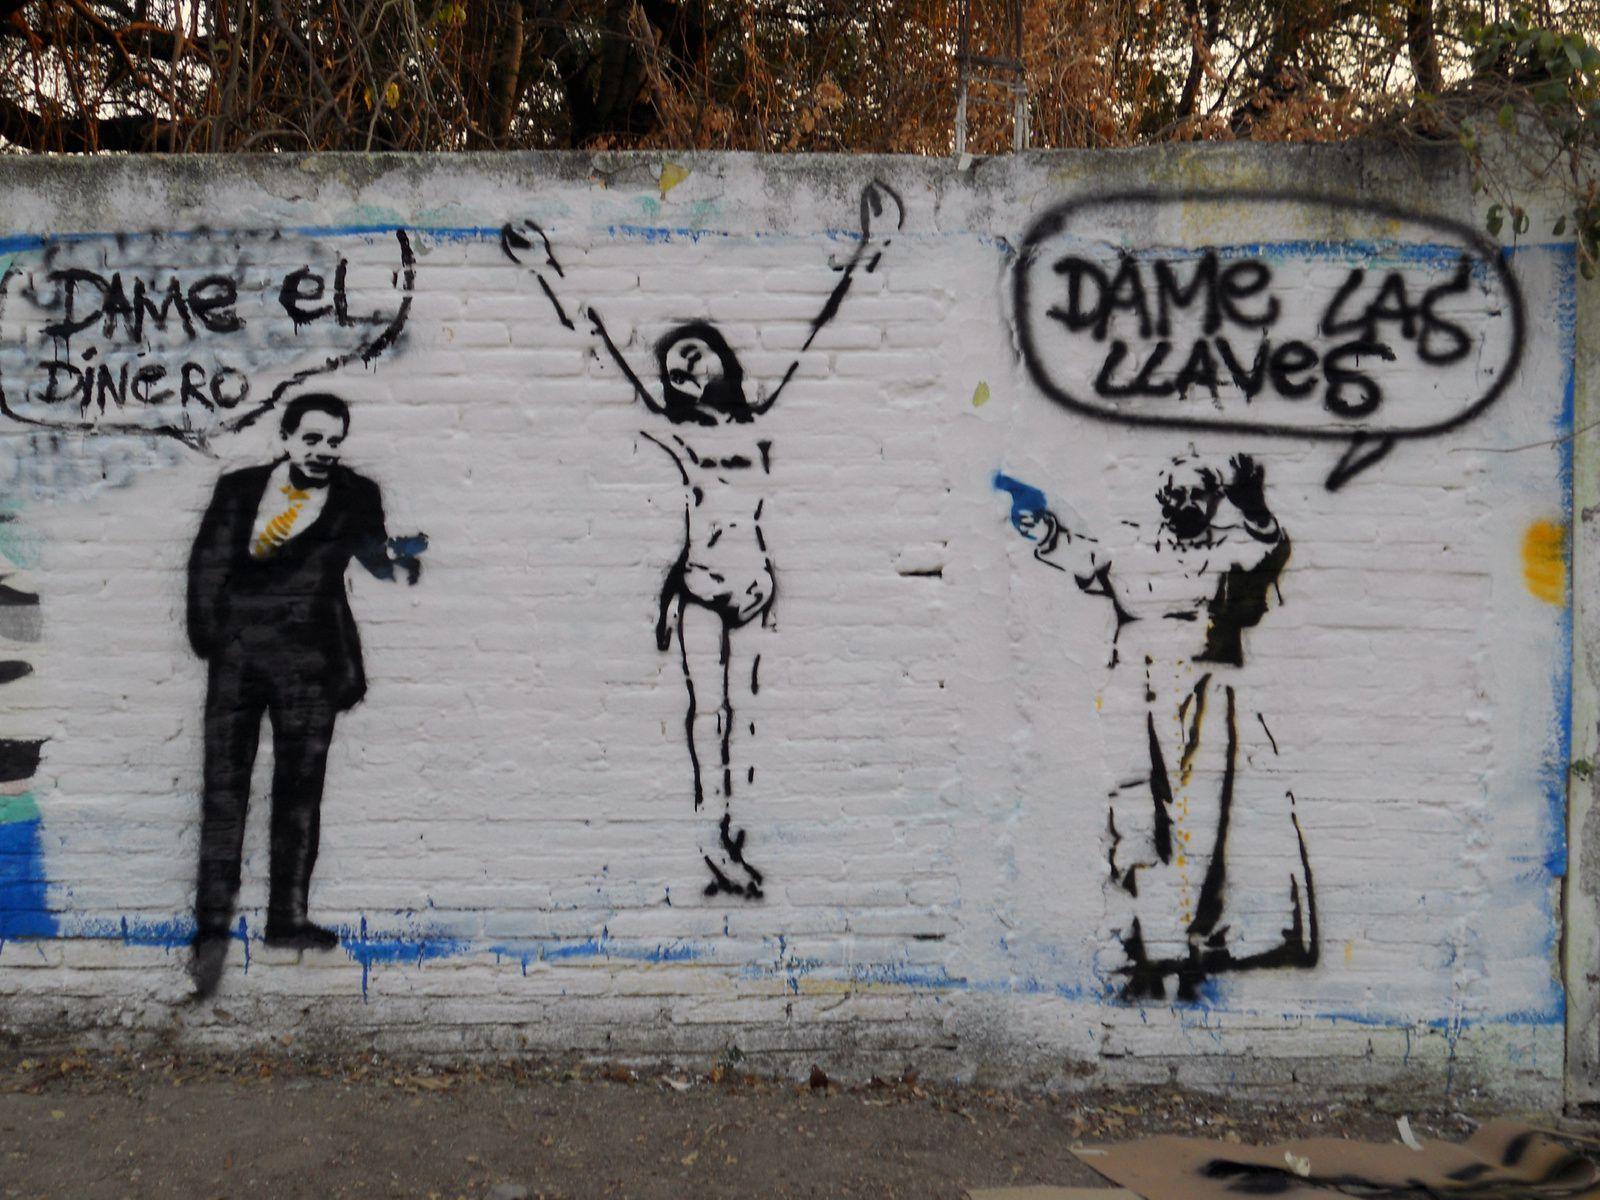 Street-art réalisé par le peintre François à Mexico. Traduction: Donne-moi le fric (à gauche, pasteur évangélique), Donne-moi les clés (à droite, le pape)